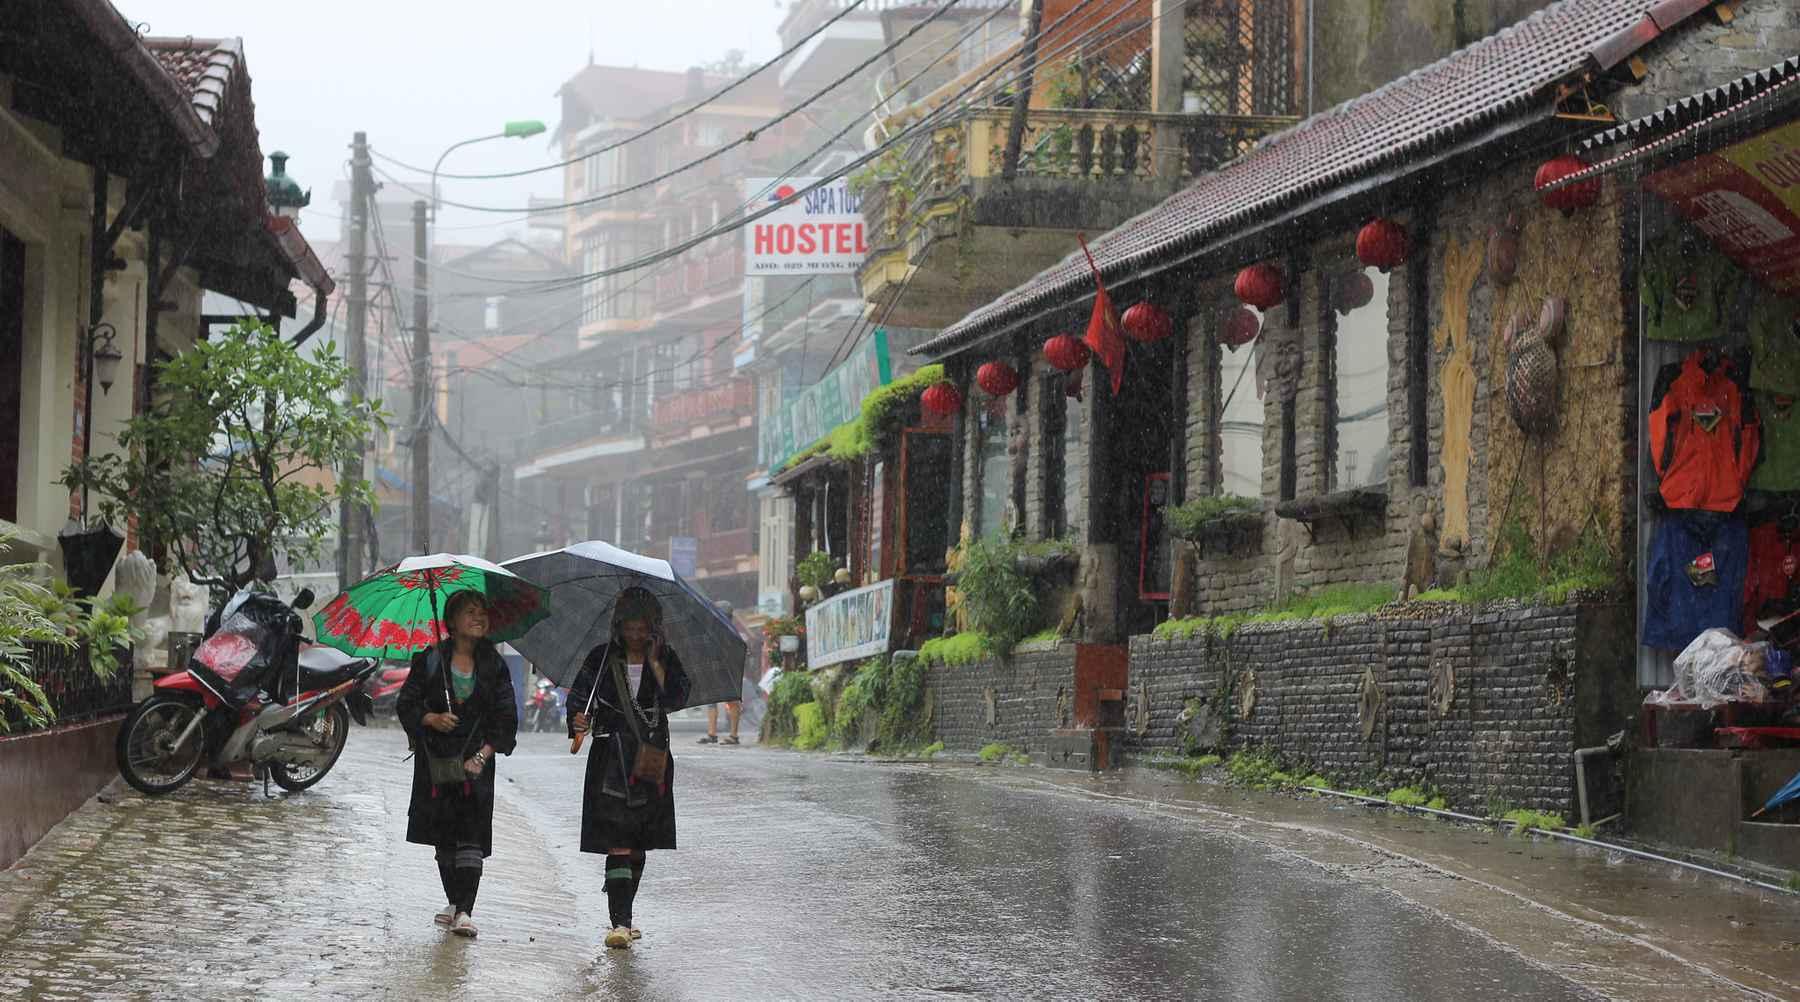 Reizen in Vietnam tijdens het regenseizoen – Tips, advies en periode